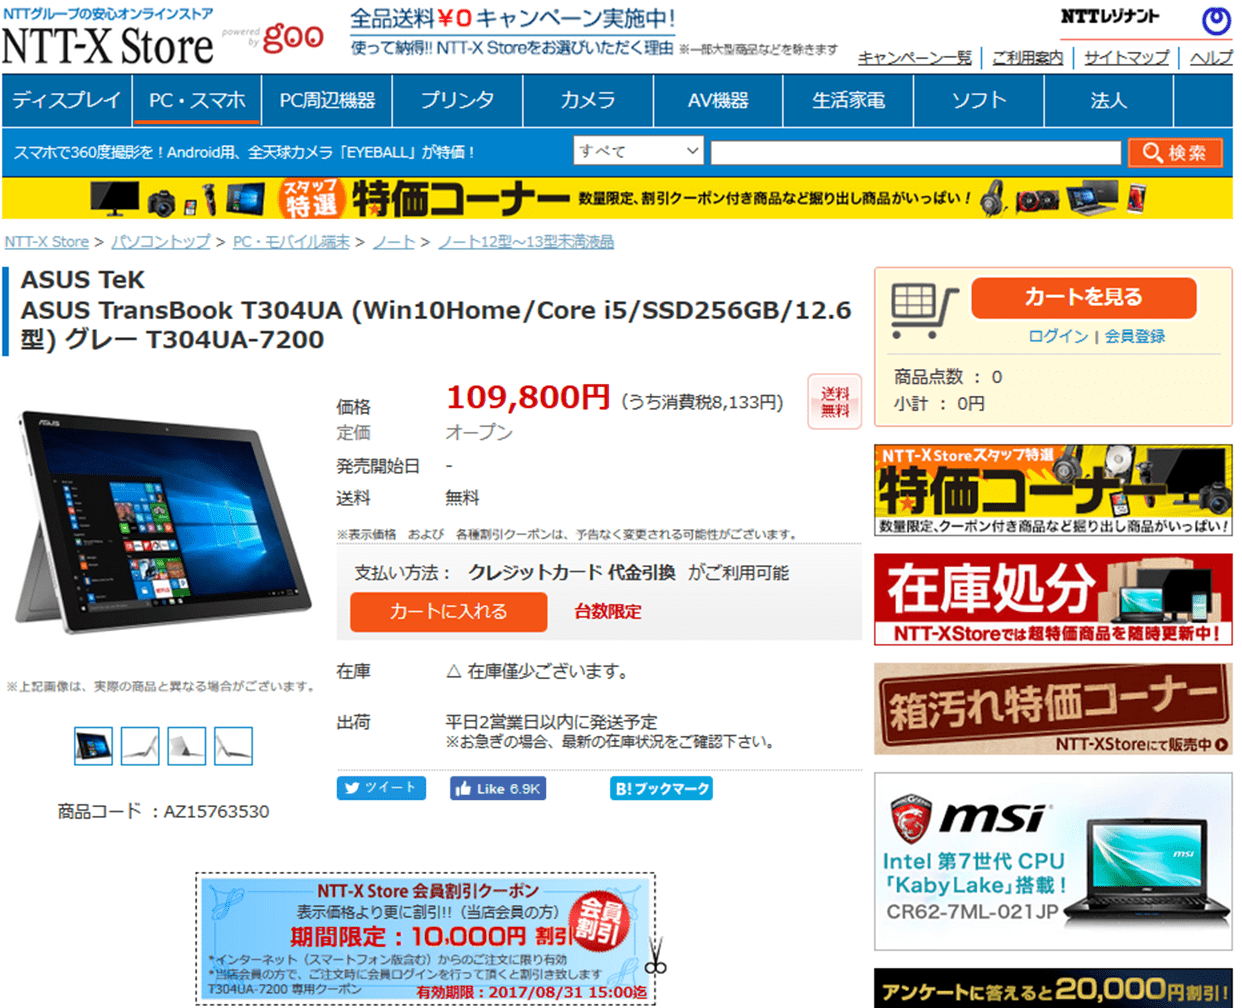 NTT-XでASUSのTransBook T304UAがだいぶ安くなっていますぞ